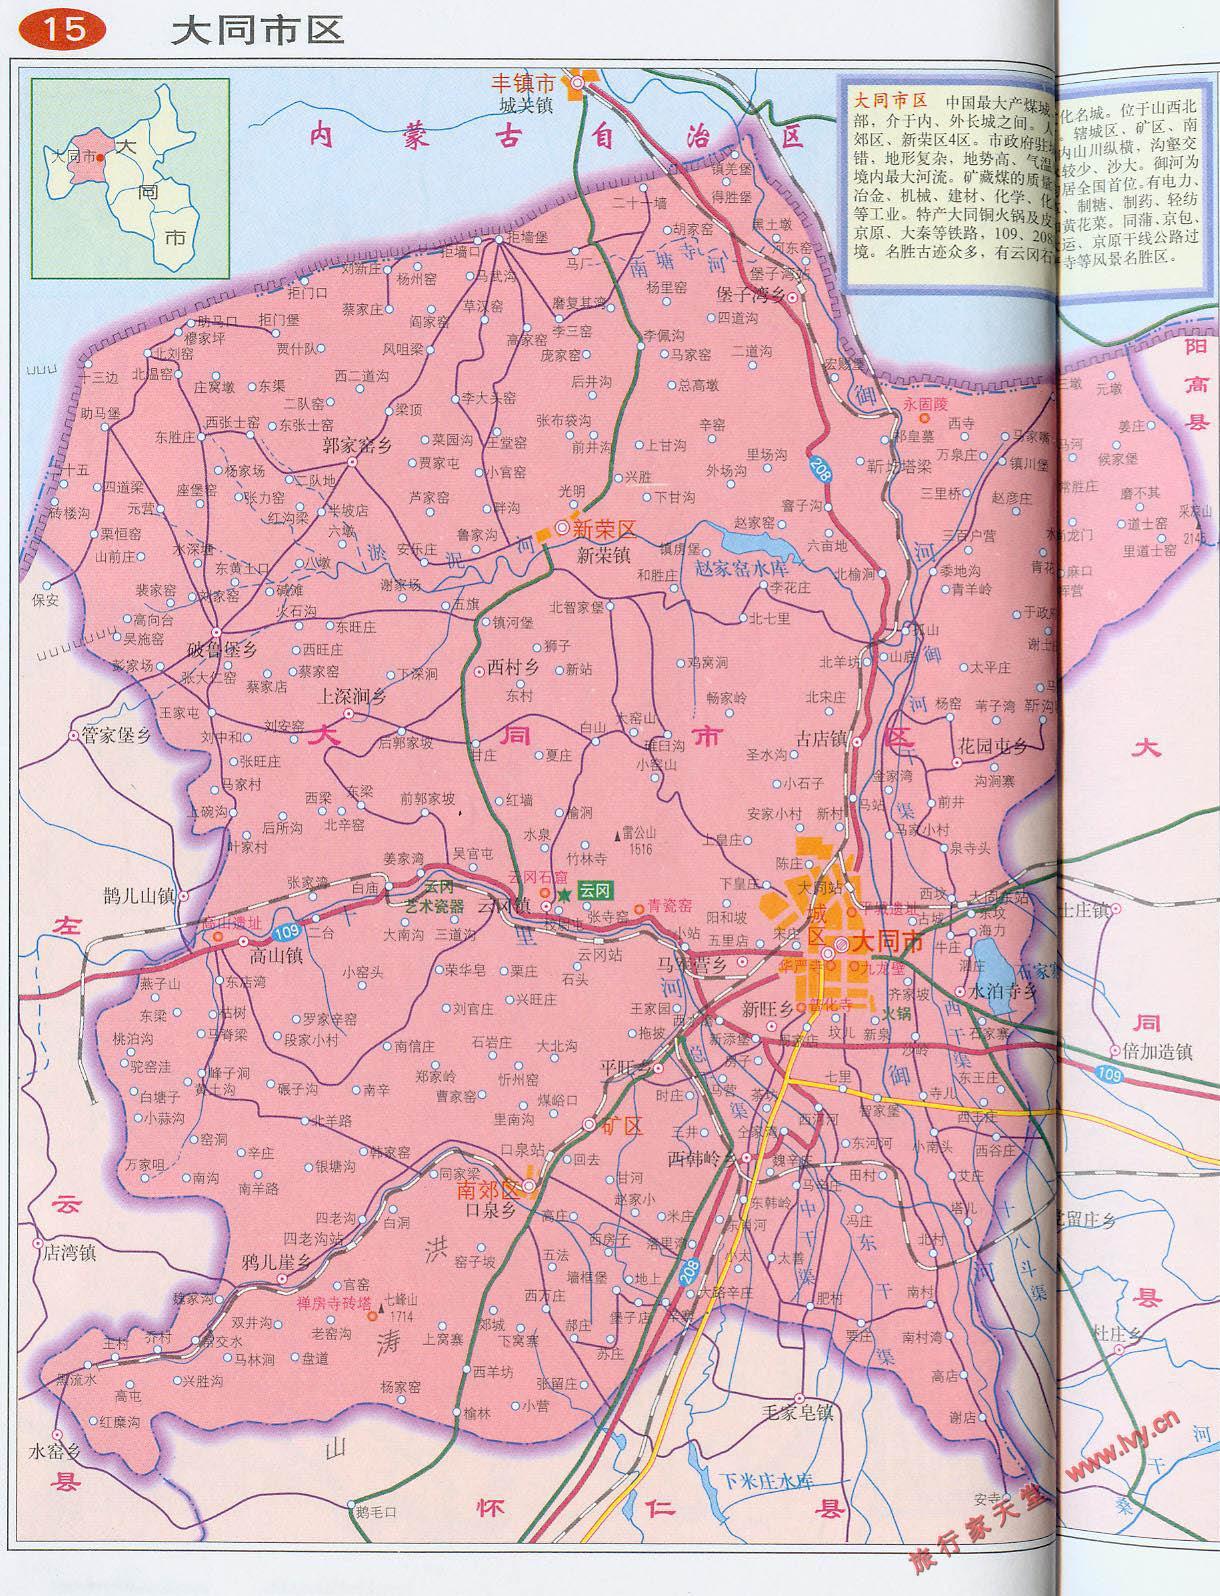 地图查询 中国 山西 大同市